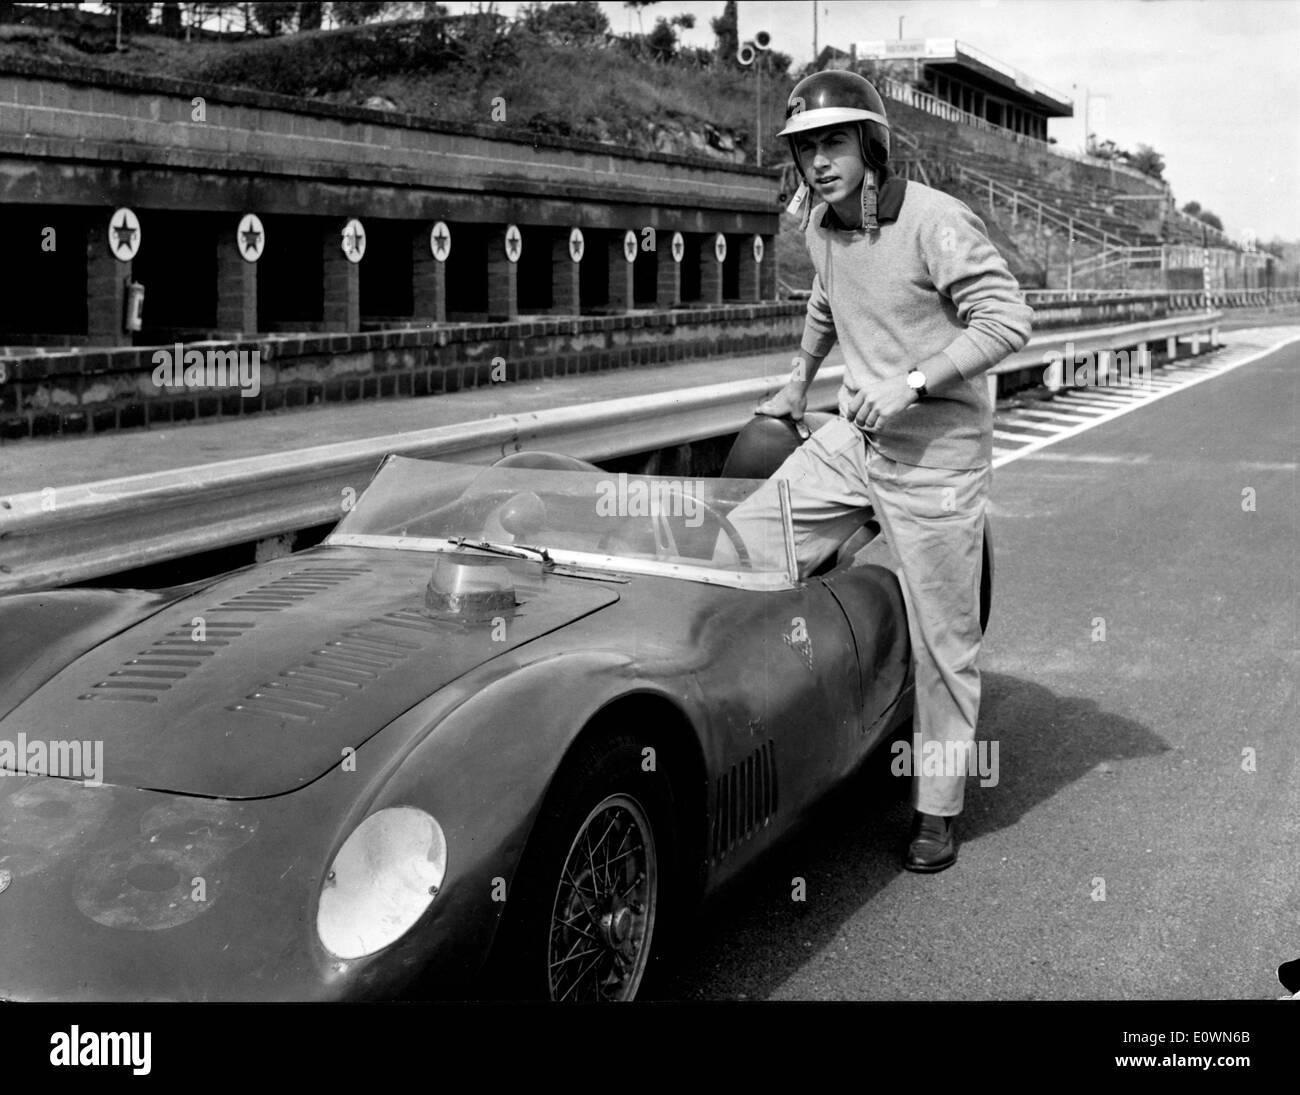 Alberto Ascari Stock Photos & Alberto Ascari Stock Images